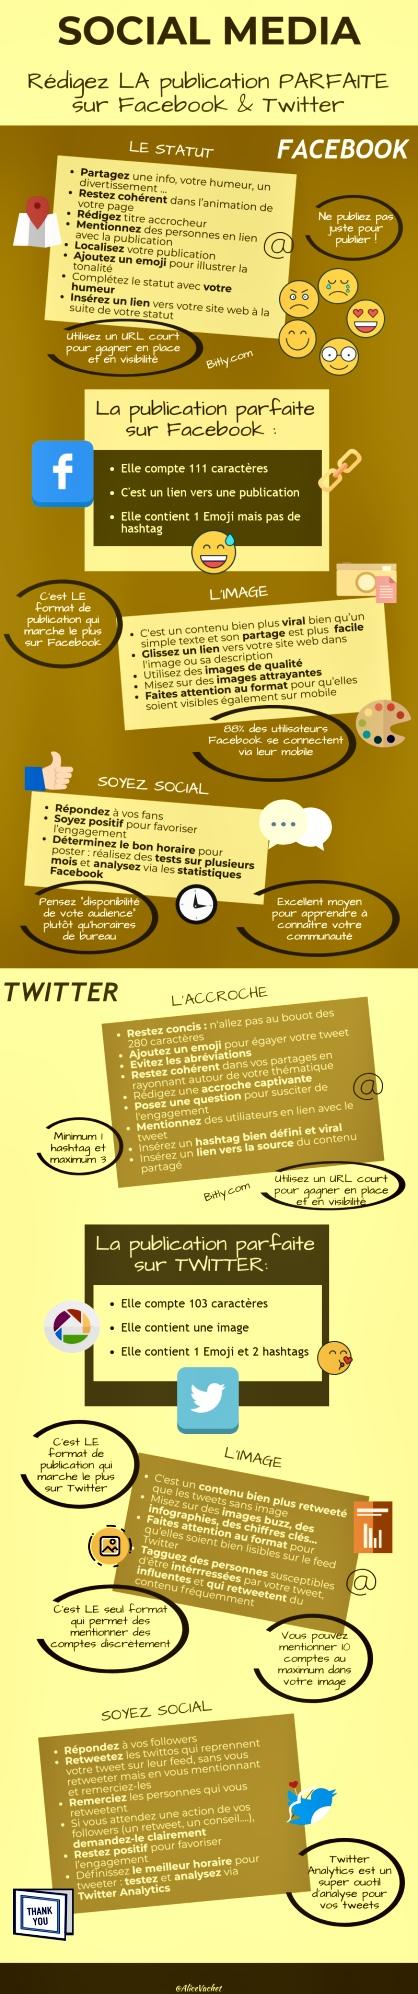 [Infographie] Social Media : Rédigez LA PUBLICATION PARFAITE sur Facebook & Twitter👌🏻